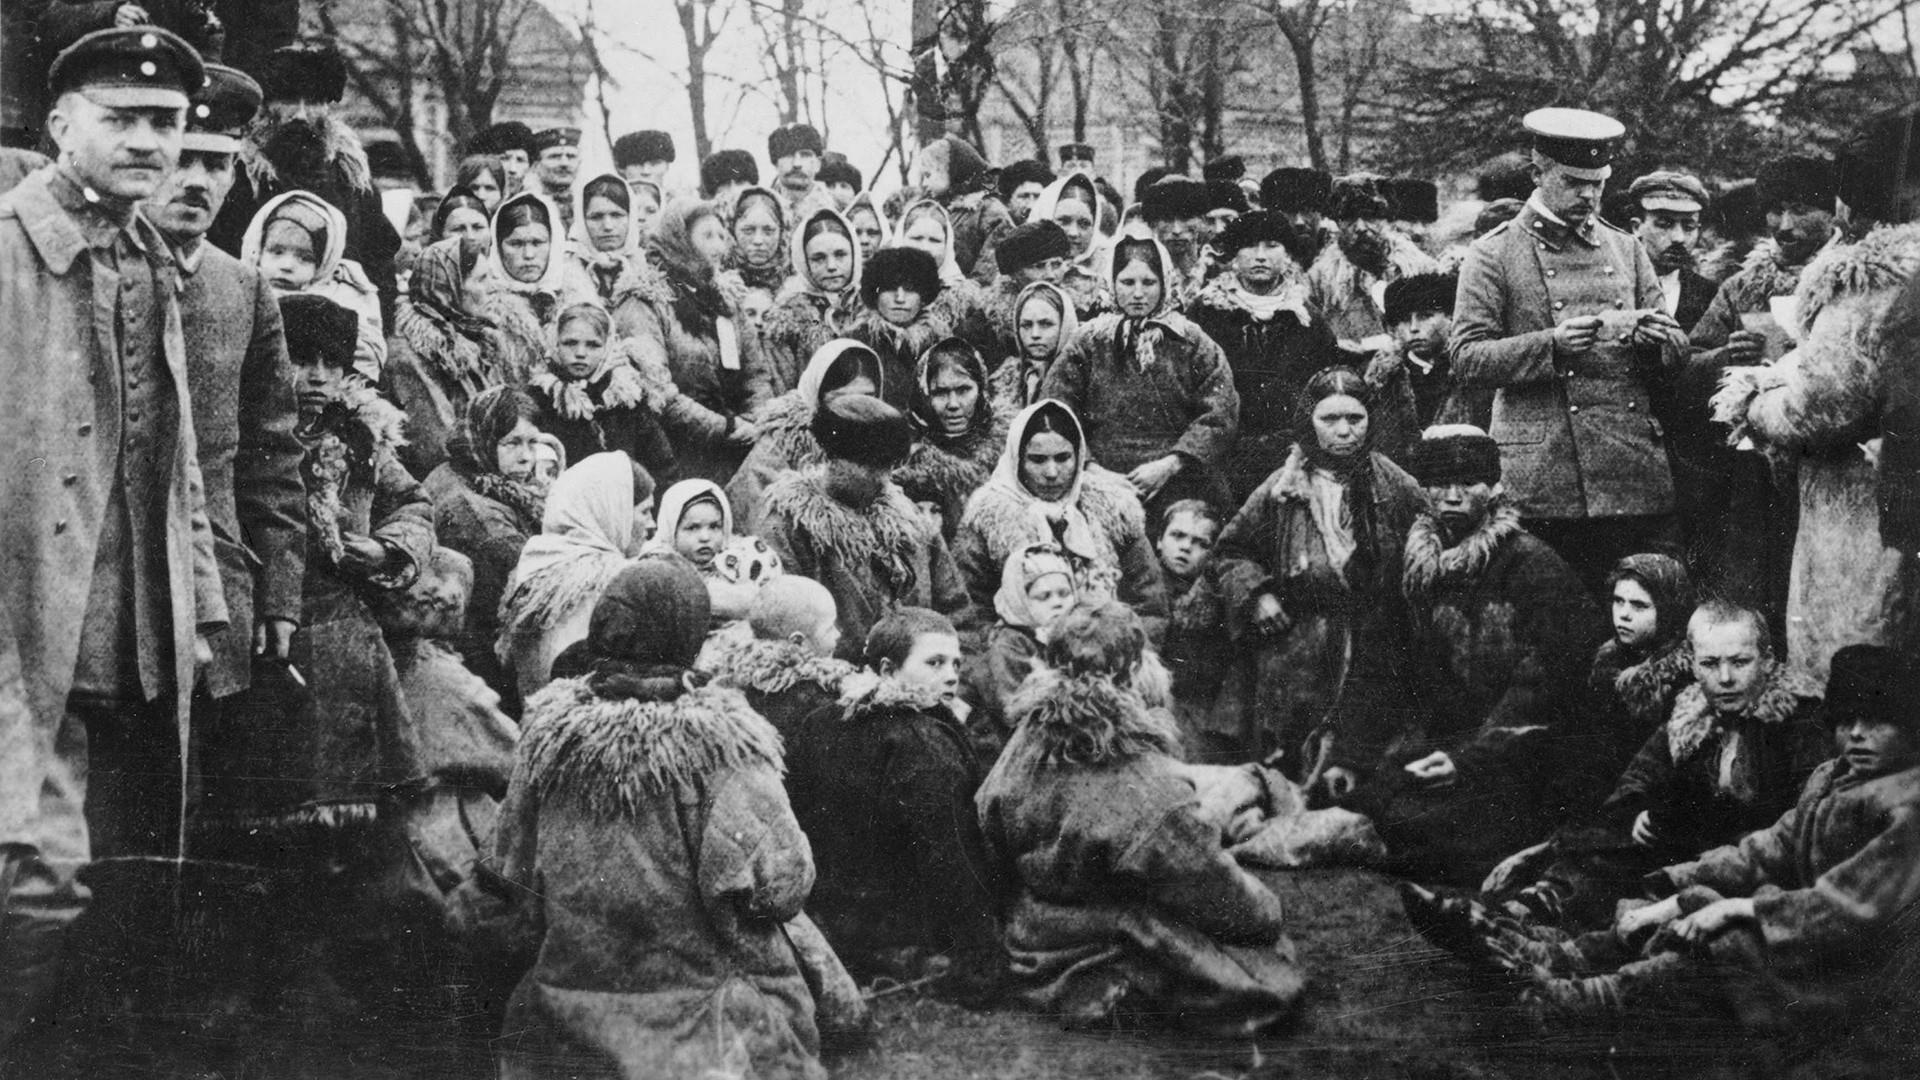 Multidão de refugiados judeus ao ar livre na Rússia. Um dos três oficiais uniformizados analisa seus documentos.